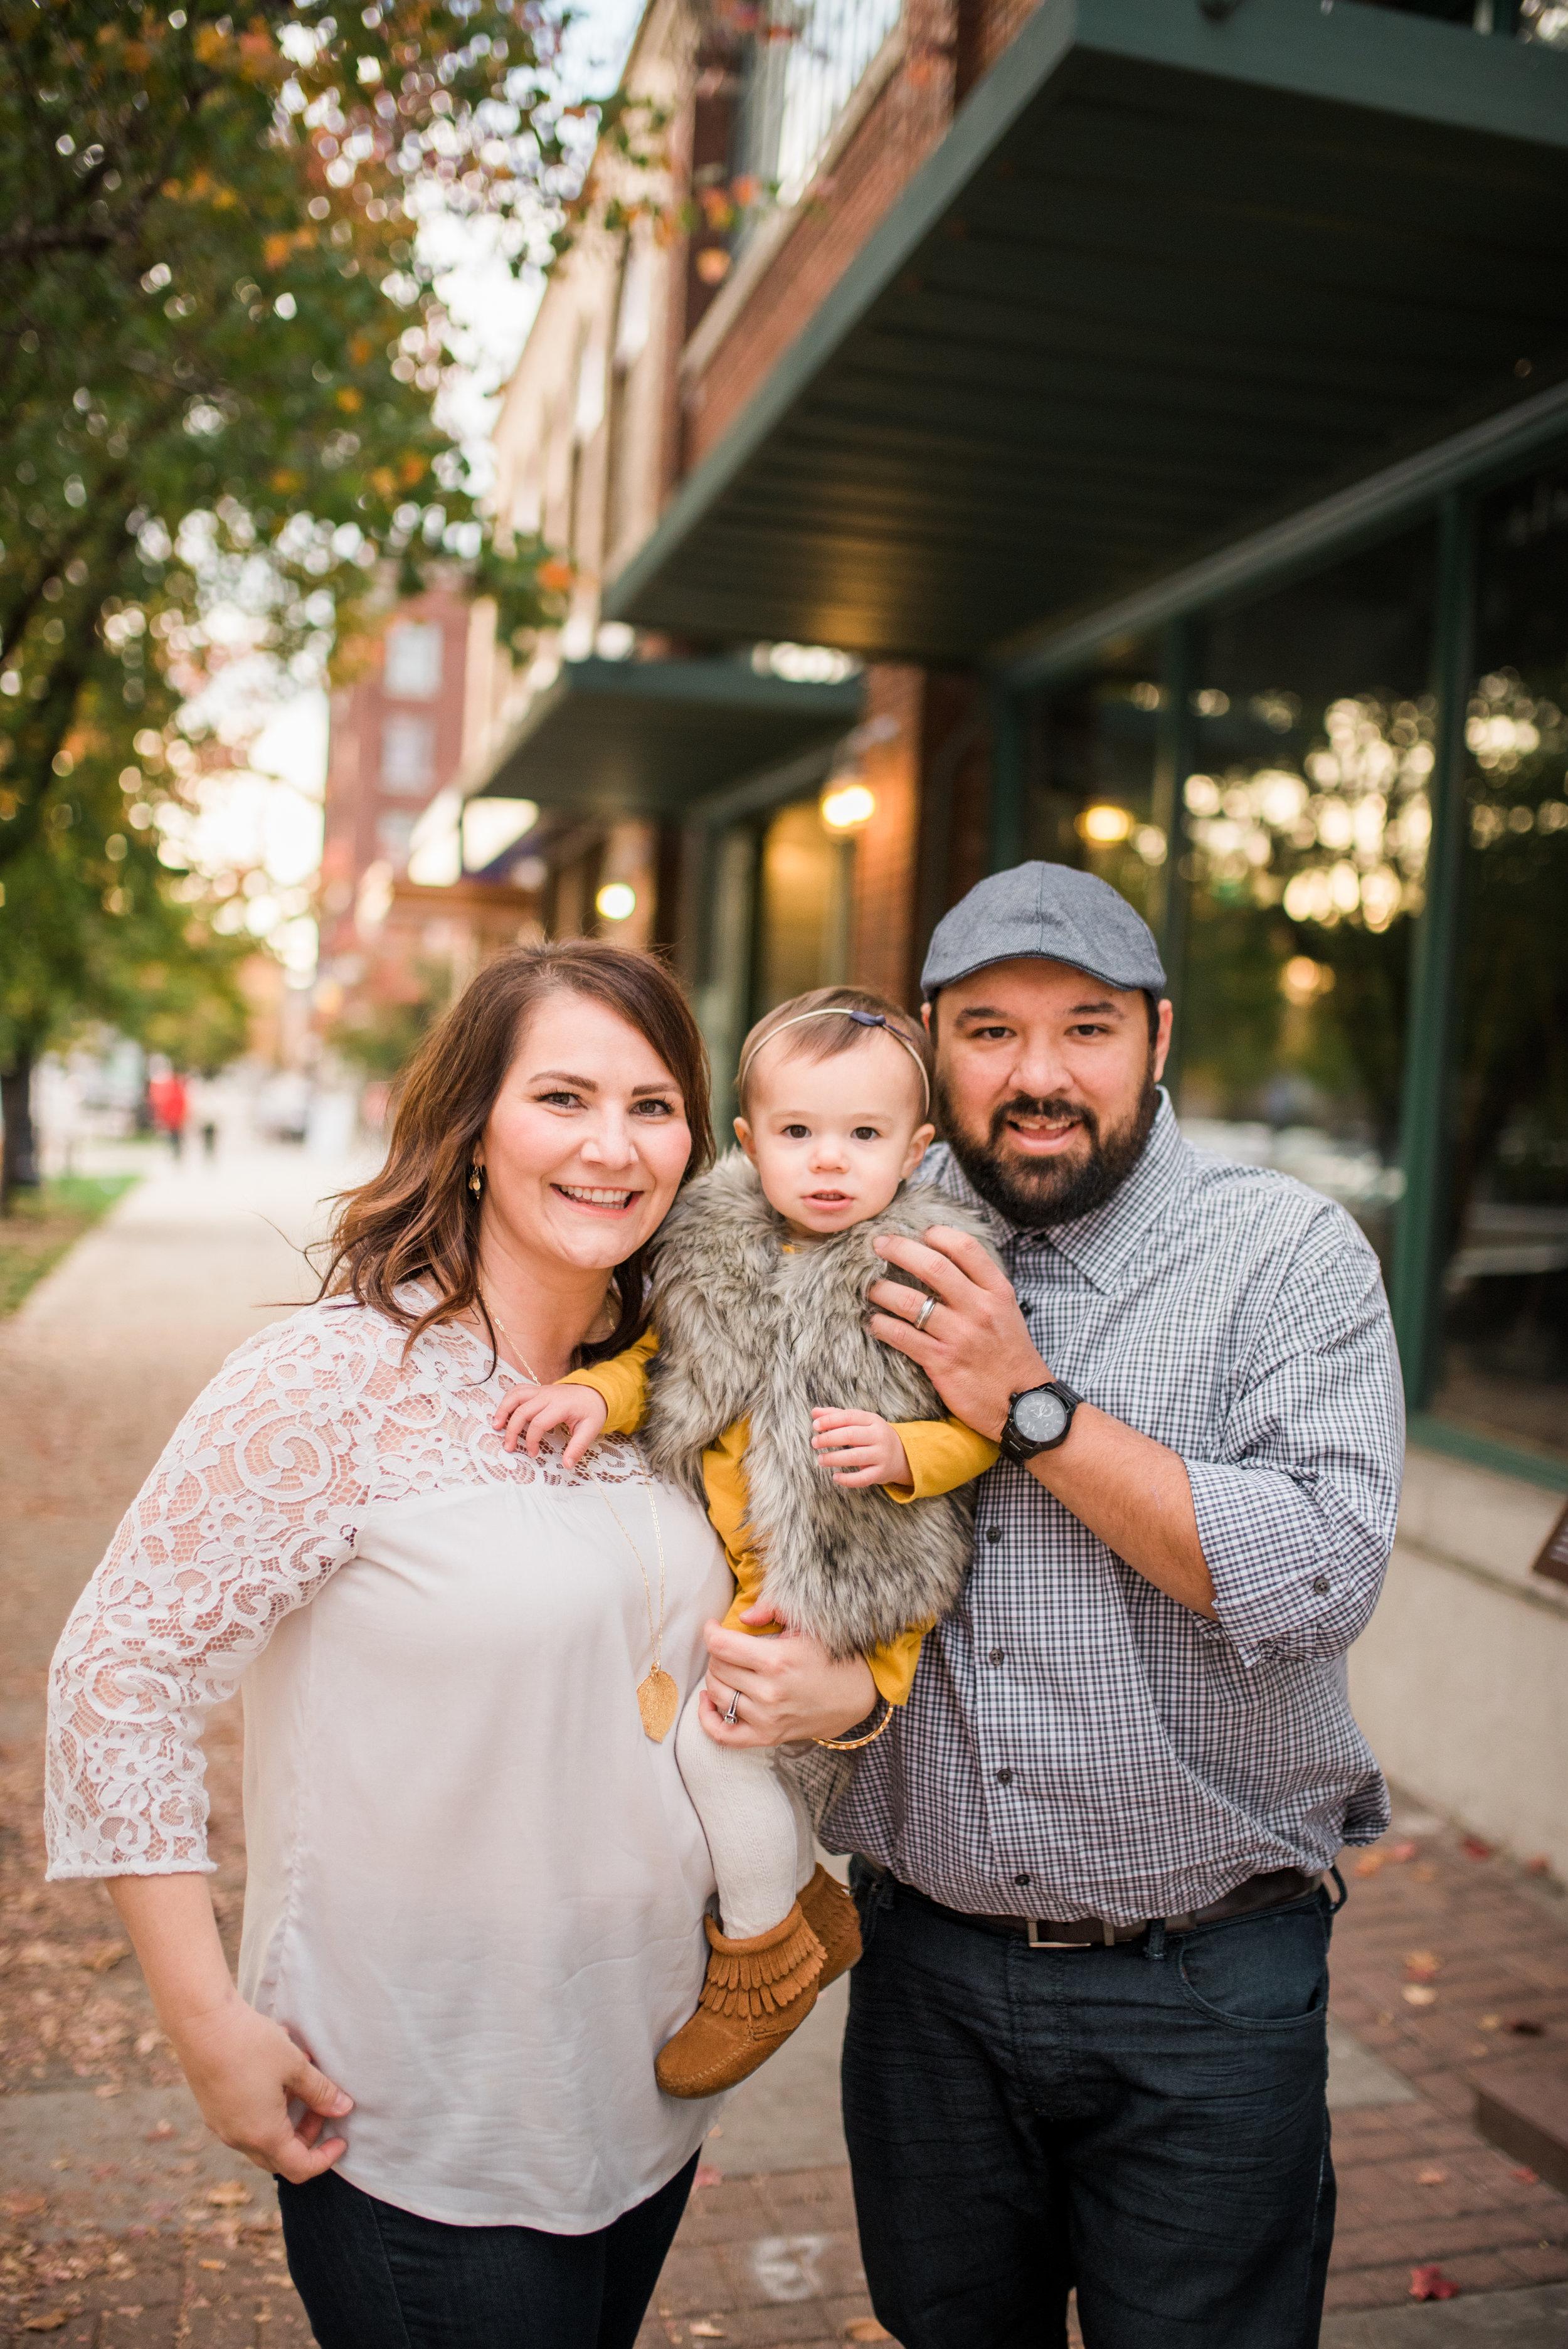 Godina Family Photos 11.12.16-37.jpg